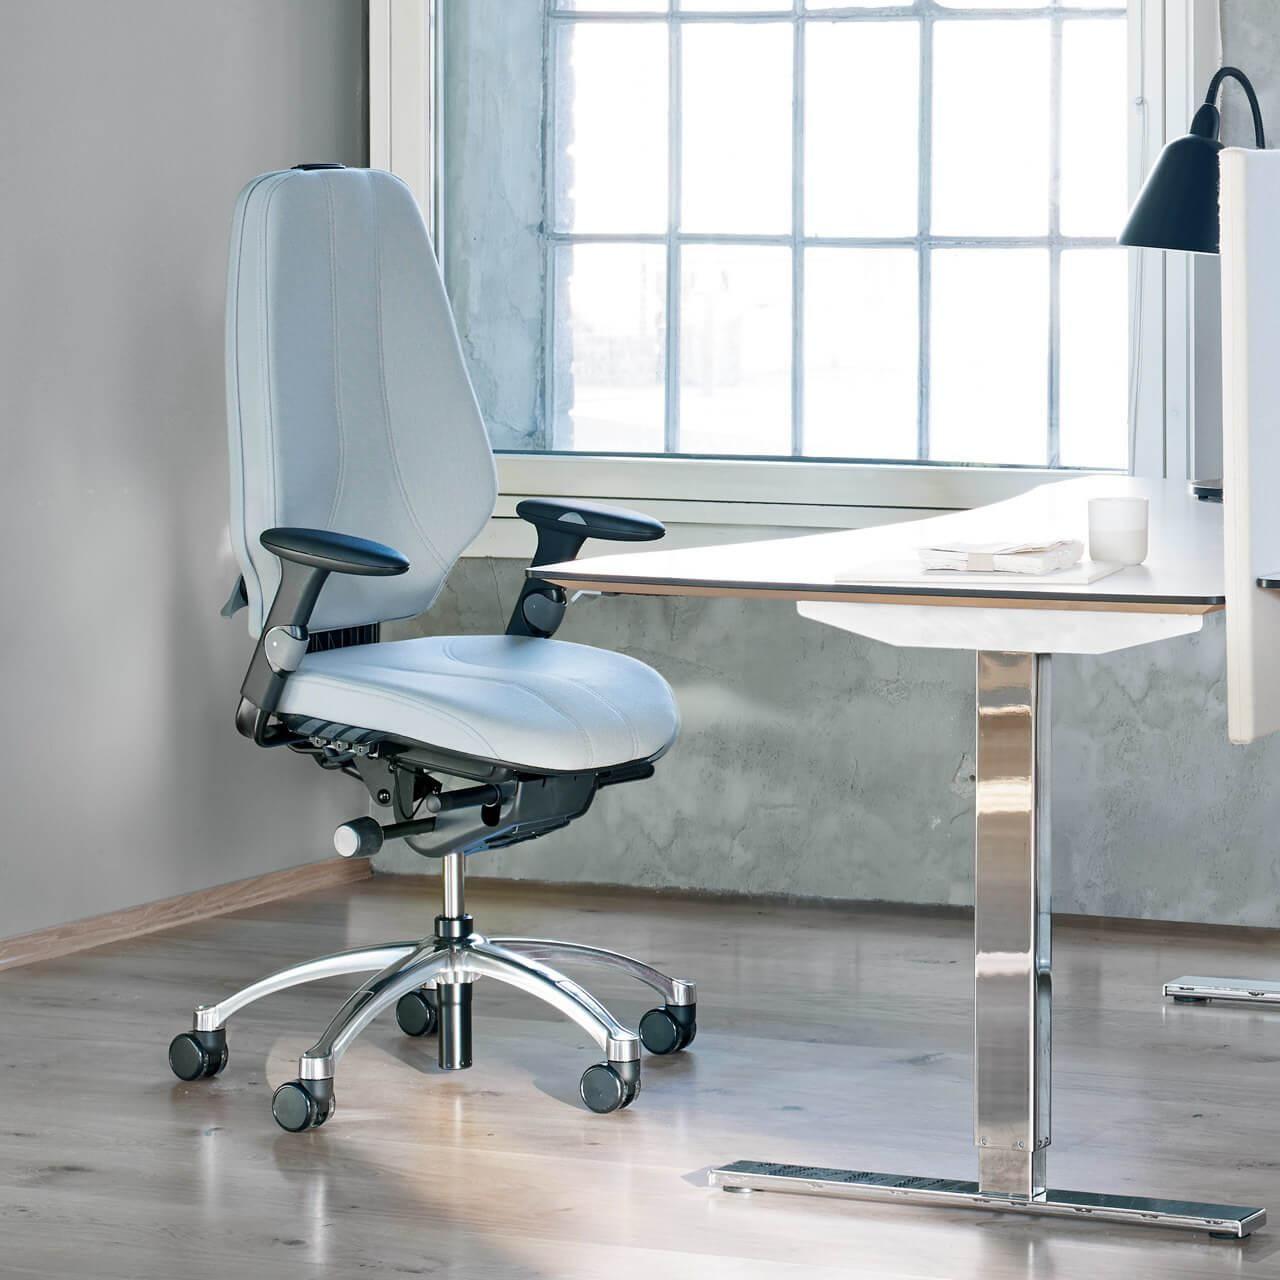 Rh logic 400 XL ergonomische bureaustoel op kantoor